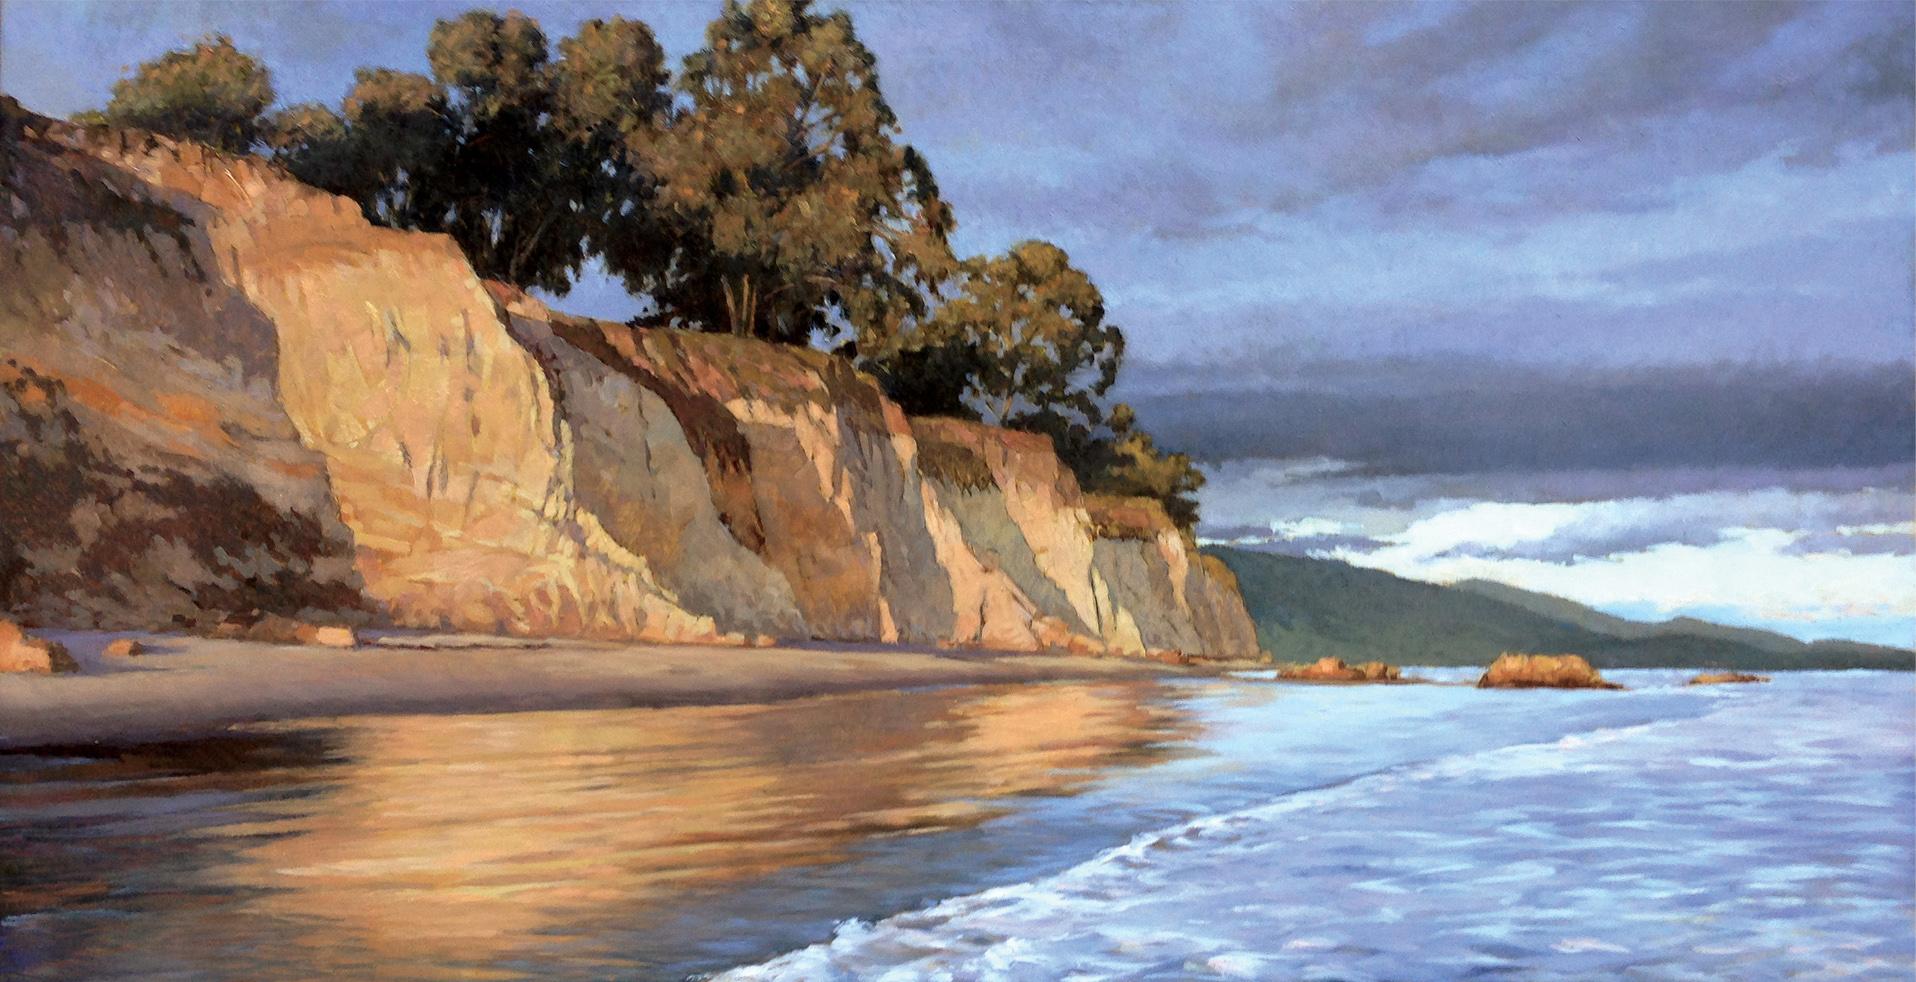 Golden Hour in Santa Barbara, 11 x 22, oil on board.  SOLD